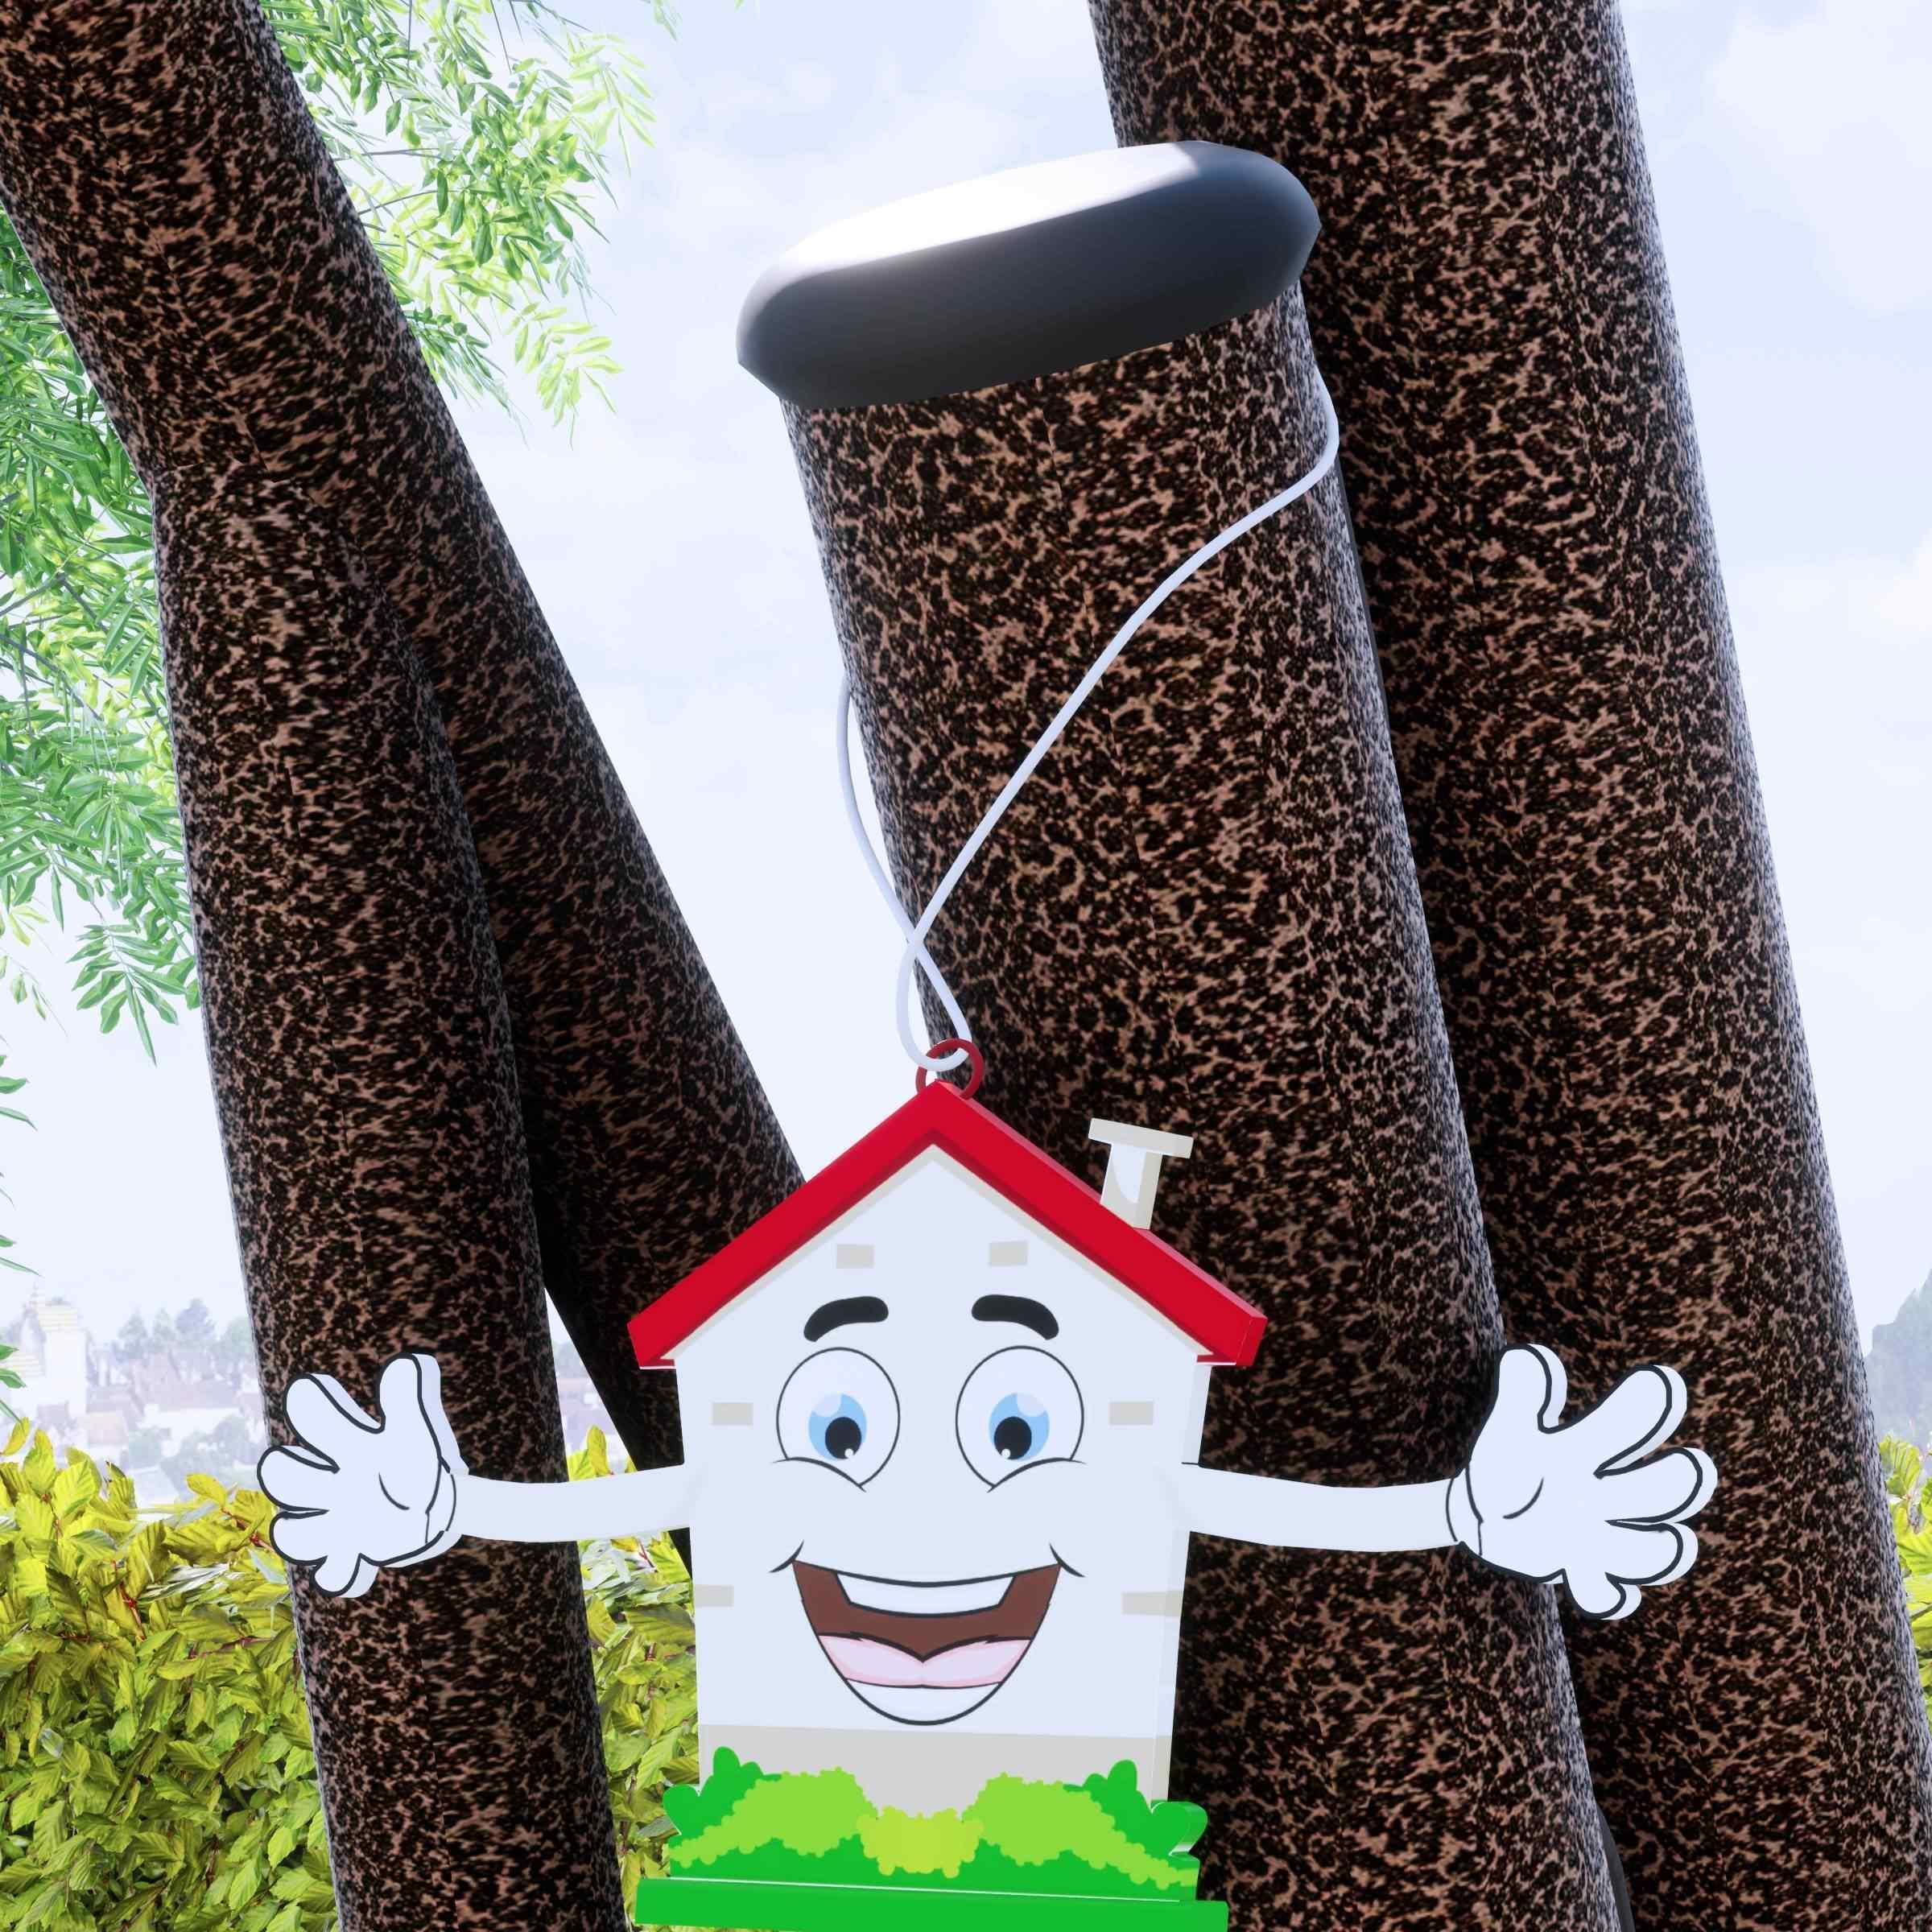 Yekta Çeşme 3 Kişilik Bahçe Salıncağı Balkon Teras Salıncak 200 cm